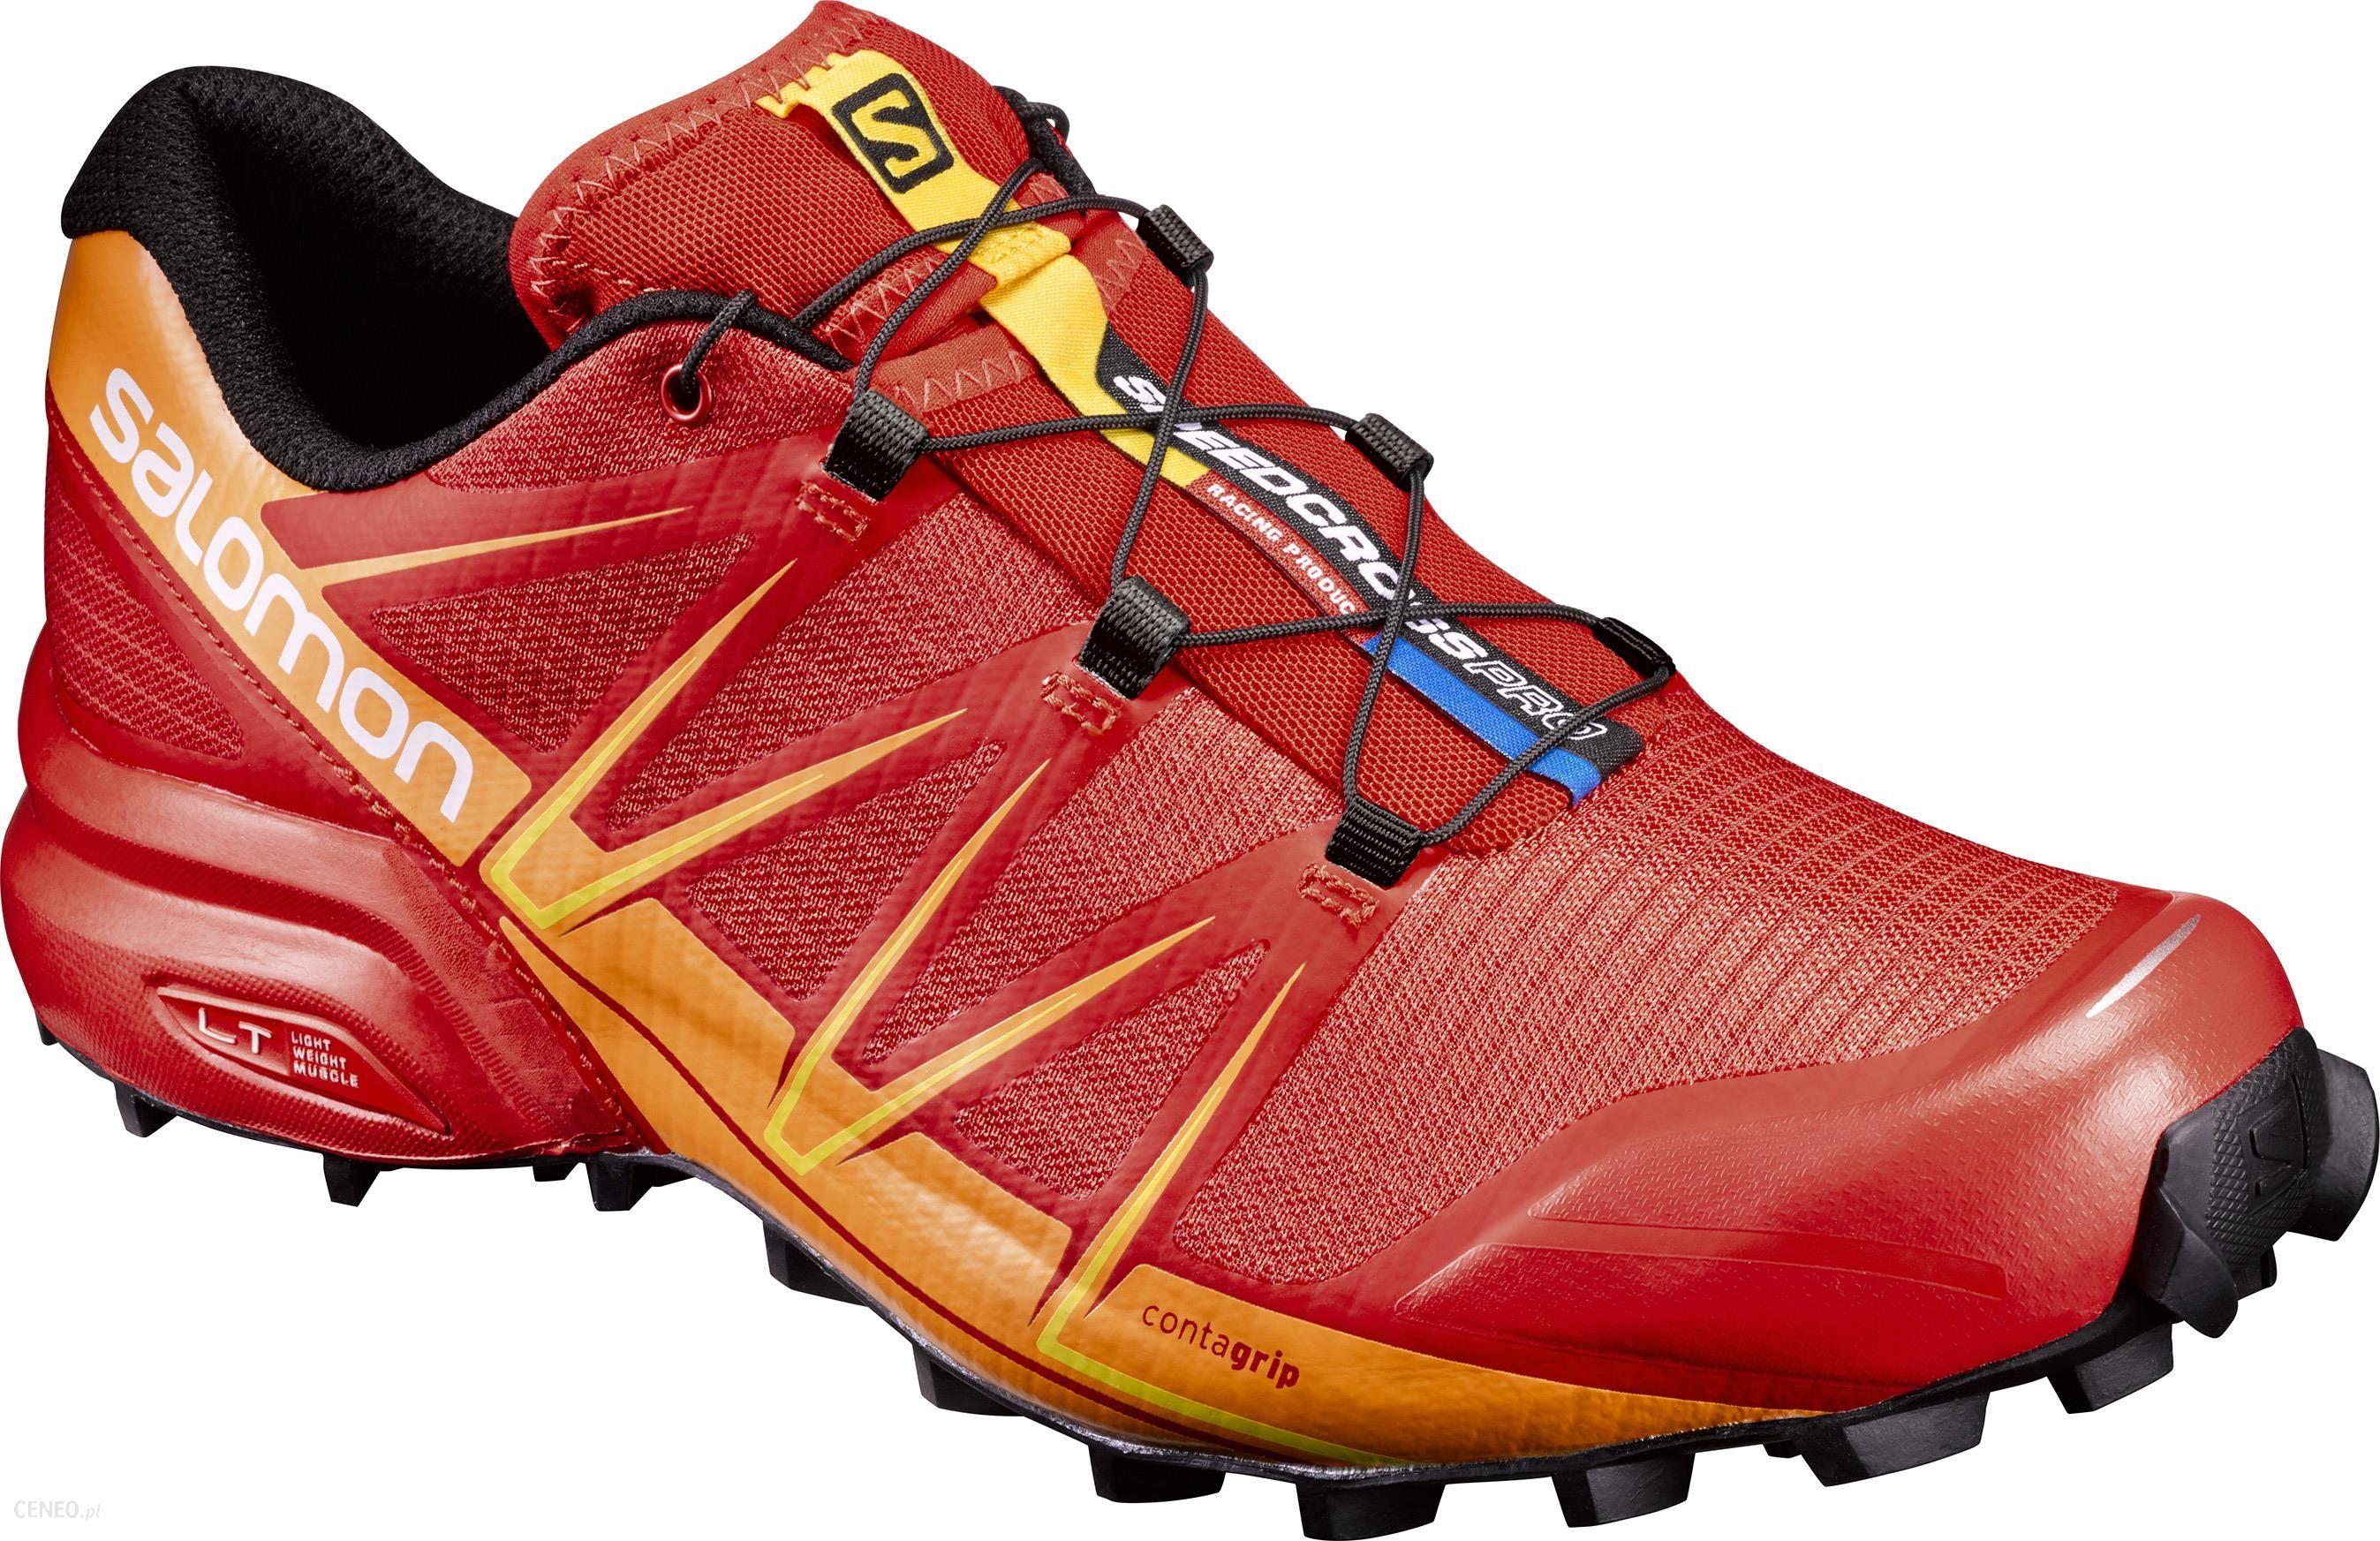 Salomon Speedcross Pro Fiery Red 392390